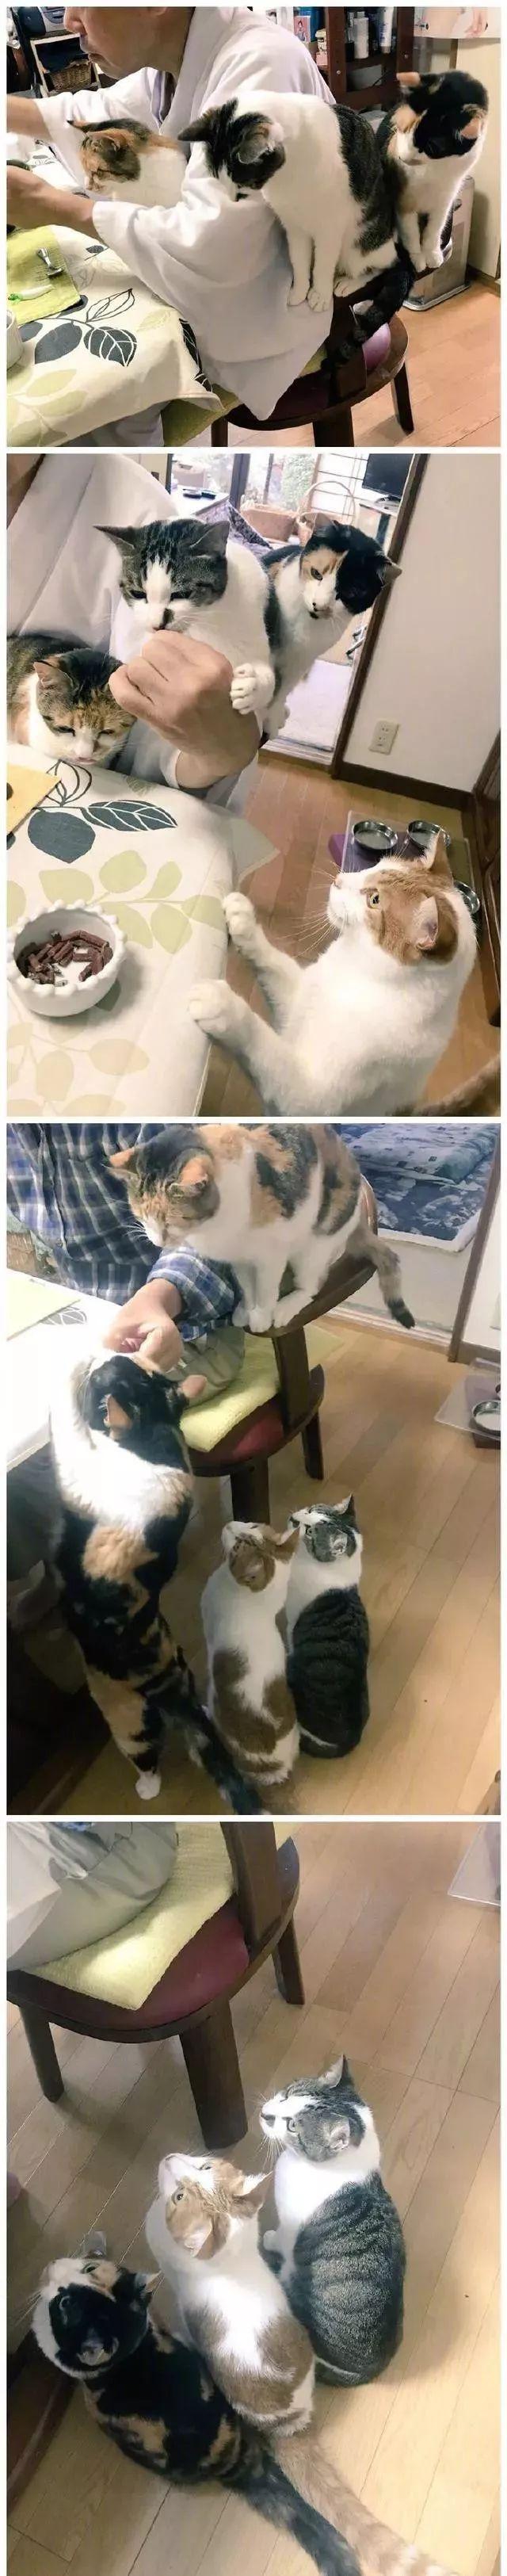 色人格色撸撸_日本一寺院收养四只猫以后,住持就每天沉迷撸猫!